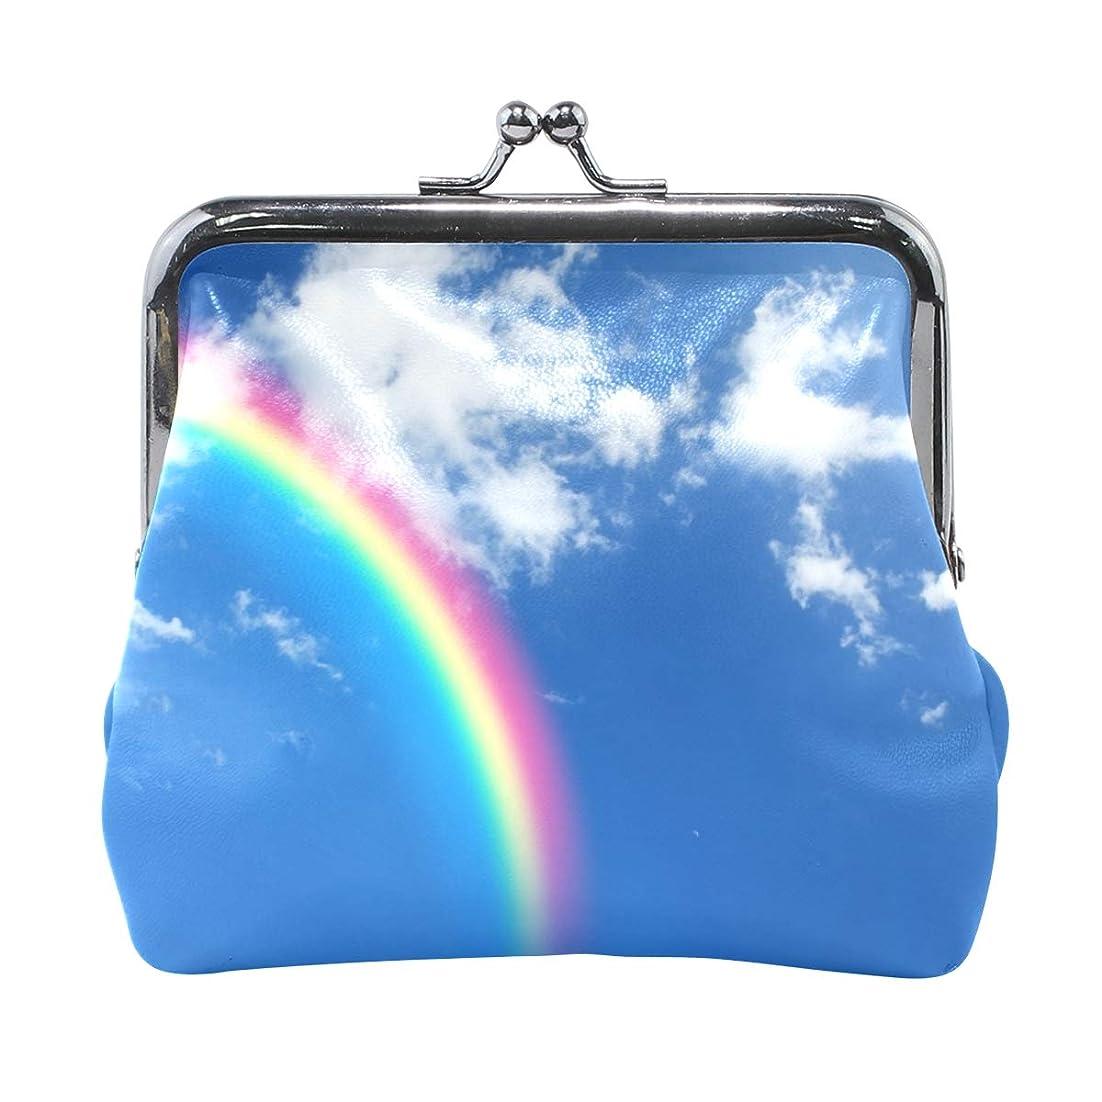 見ました出席悪意のあるAOMOKI 財布 小銭入れ ガマ口 コインケース レディース メンズ レザー 丸形 おしゃれ プレゼント ギフト デザイン オリジナル 小物ケース 虹 空